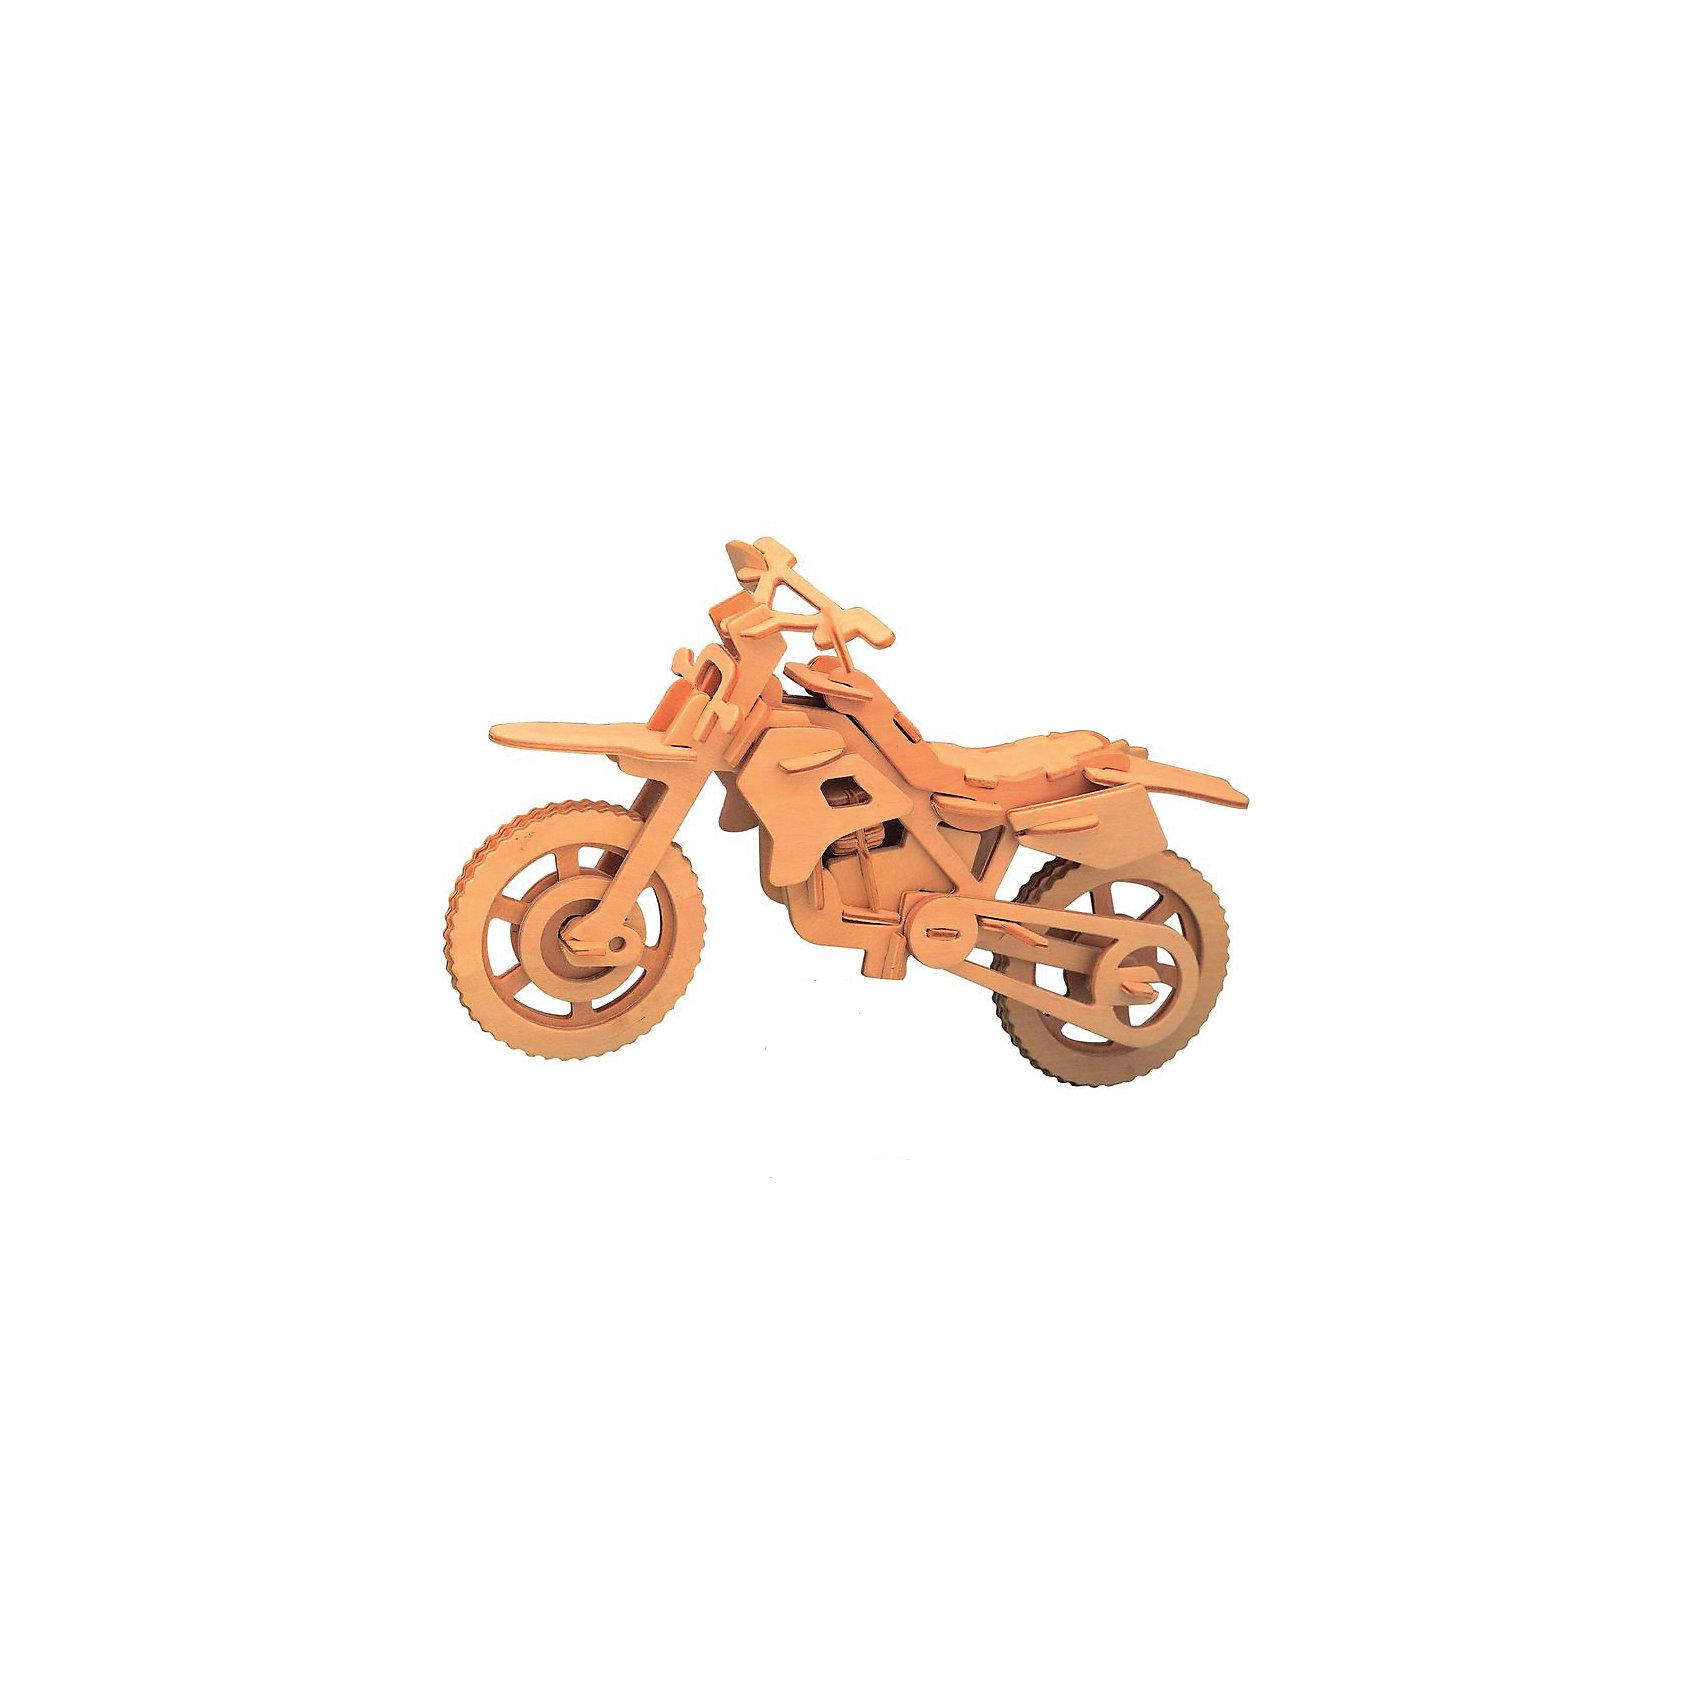 Гоночный мотоцикл, Мир деревянных игрушекДеревянные модели<br>Отличный вариант подарка для любящего технику творческого ребенка - этот набор, из которого можно самому сделать красивую деревянную фигуру! Для этого нужно выдавить из пластины с деталями элементы для сборки и соединить их. Из наборов получаются красивые очень реалистичные игрушки, которые могут стать украшением комнаты.<br>Собирая их, ребенок будет развивать пространственное мышление, память и мелкую моторику. А раскрашивая готовое произведение, дети научатся подбирать цвета и будут развивать художественные навыки. Этот набор произведен из качественных и безопасных для детей материалов - дерево тщательно обработано.<br><br>Дополнительная информация:<br><br>материал: дерево;<br>цвет: бежевый;<br>элементы: пластины с деталями для сборки, схема сборки;<br>размер упаковки: 23 х 18 см.<br><br>3D-пазл Гоночный мотоцикл от бренда Мир деревянных игрушек можно купить в нашем магазине.<br><br>Ширина мм: 350<br>Глубина мм: 50<br>Высота мм: 225<br>Вес г: 450<br>Возраст от месяцев: 36<br>Возраст до месяцев: 144<br>Пол: Мужской<br>Возраст: Детский<br>SKU: 4969108